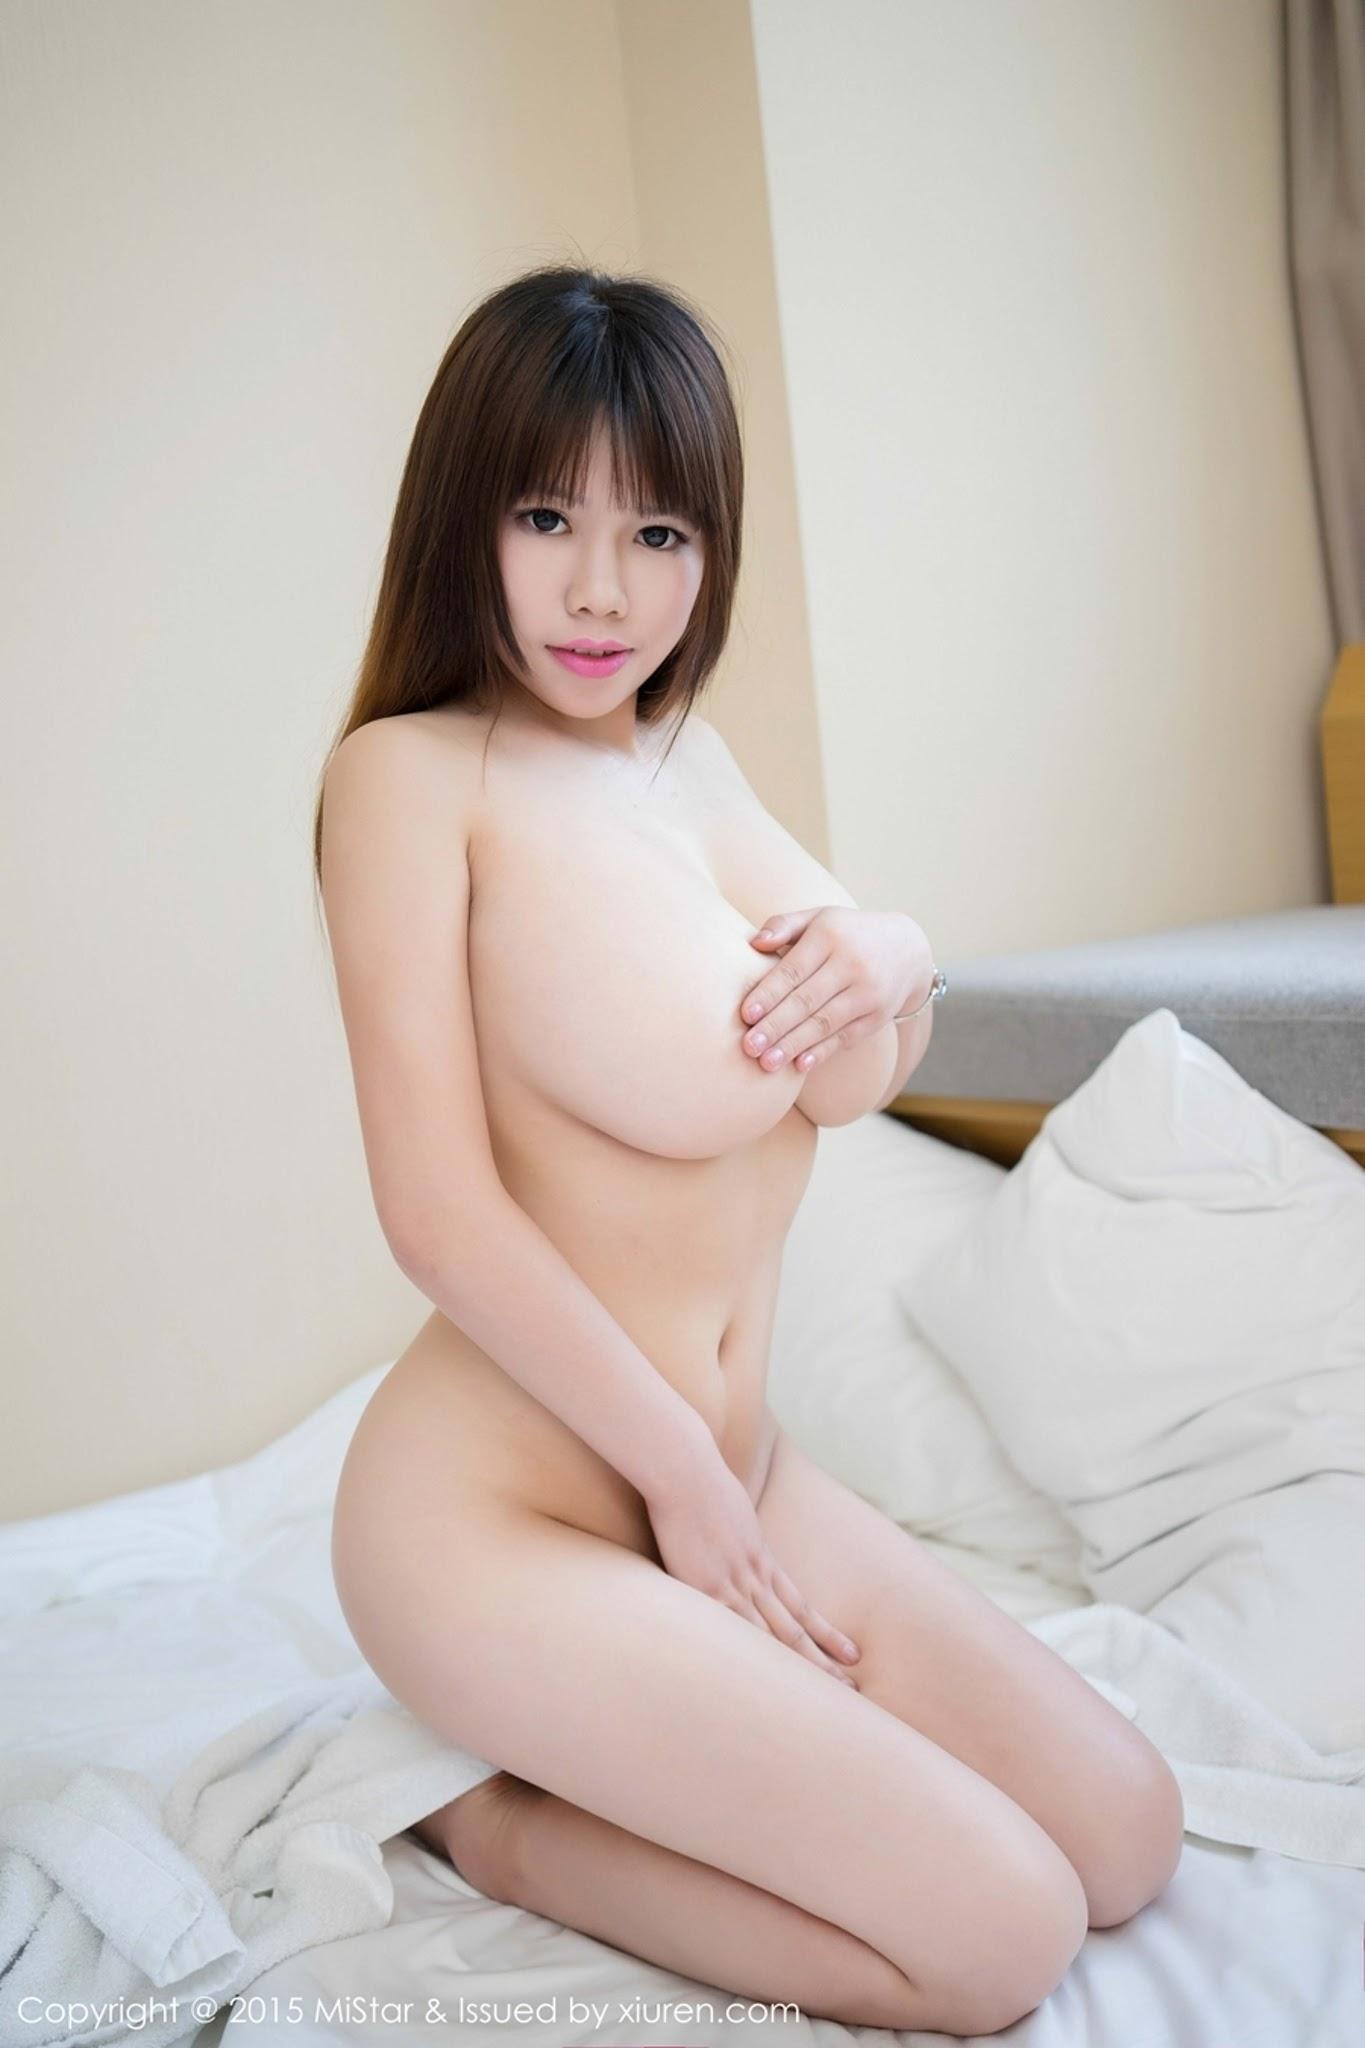 asian nude girls thumb